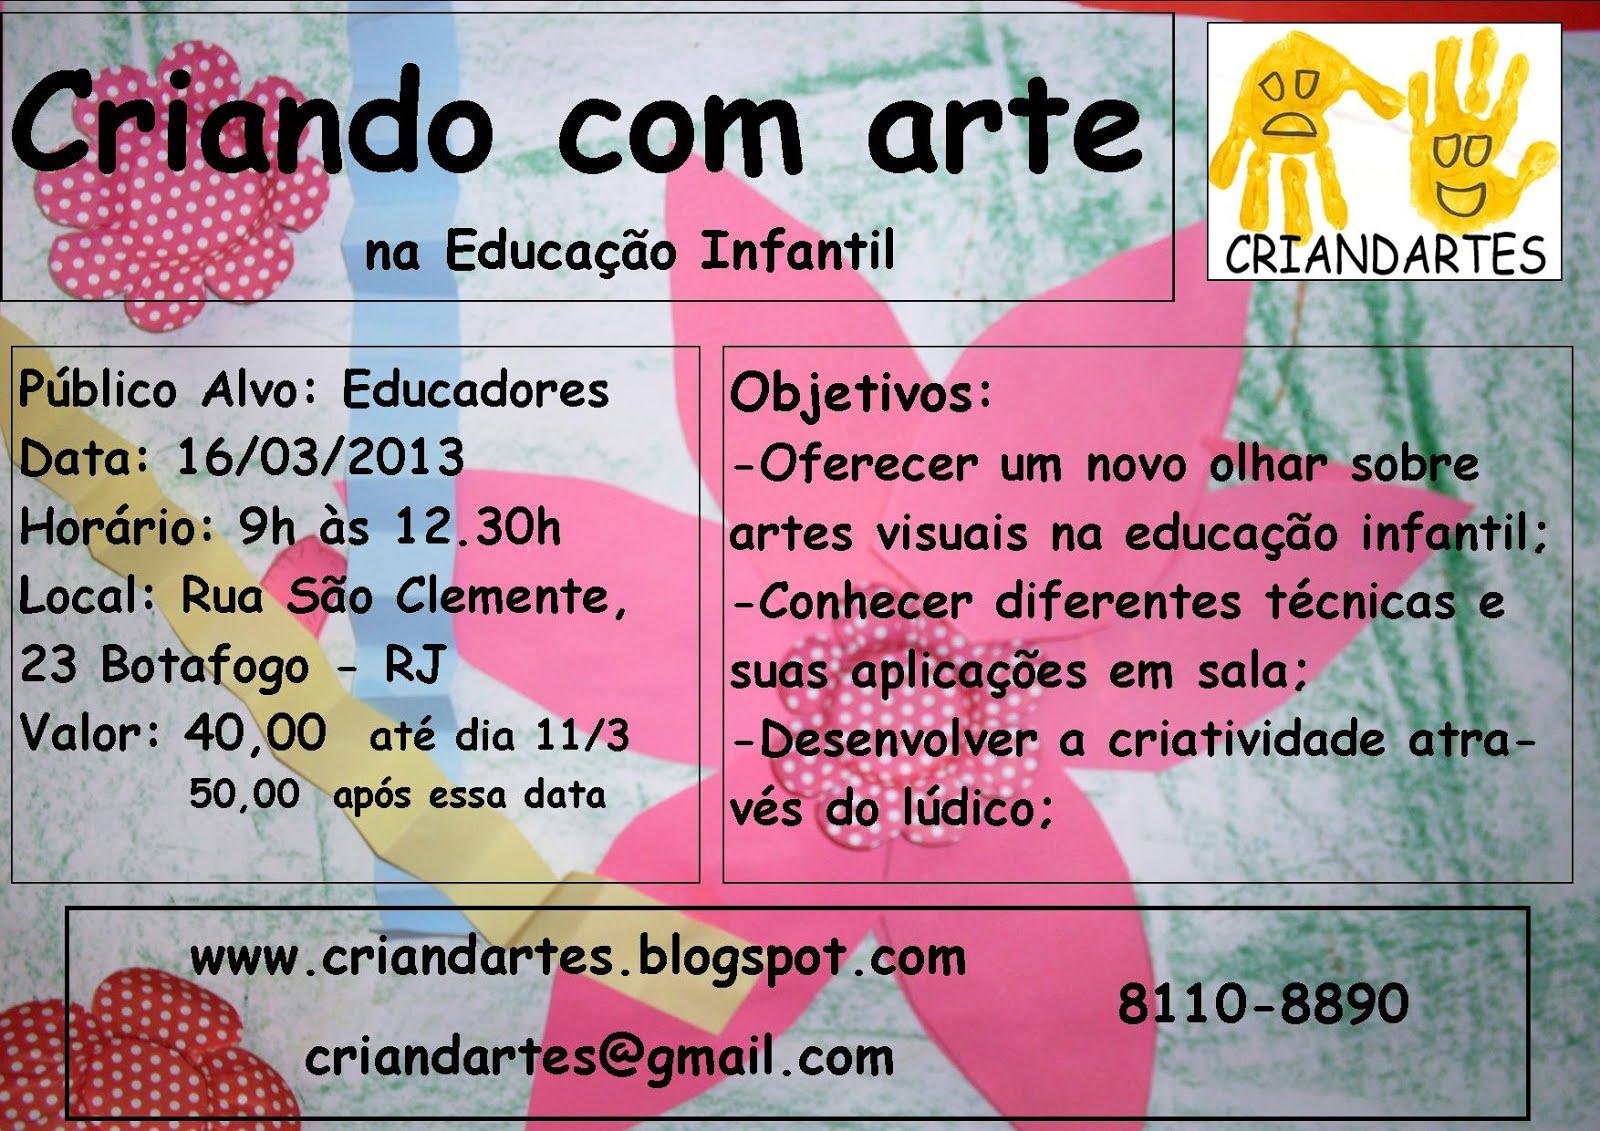 Conhecido CRIANDARTES: Criando com arte na Educação Infantil VJ15